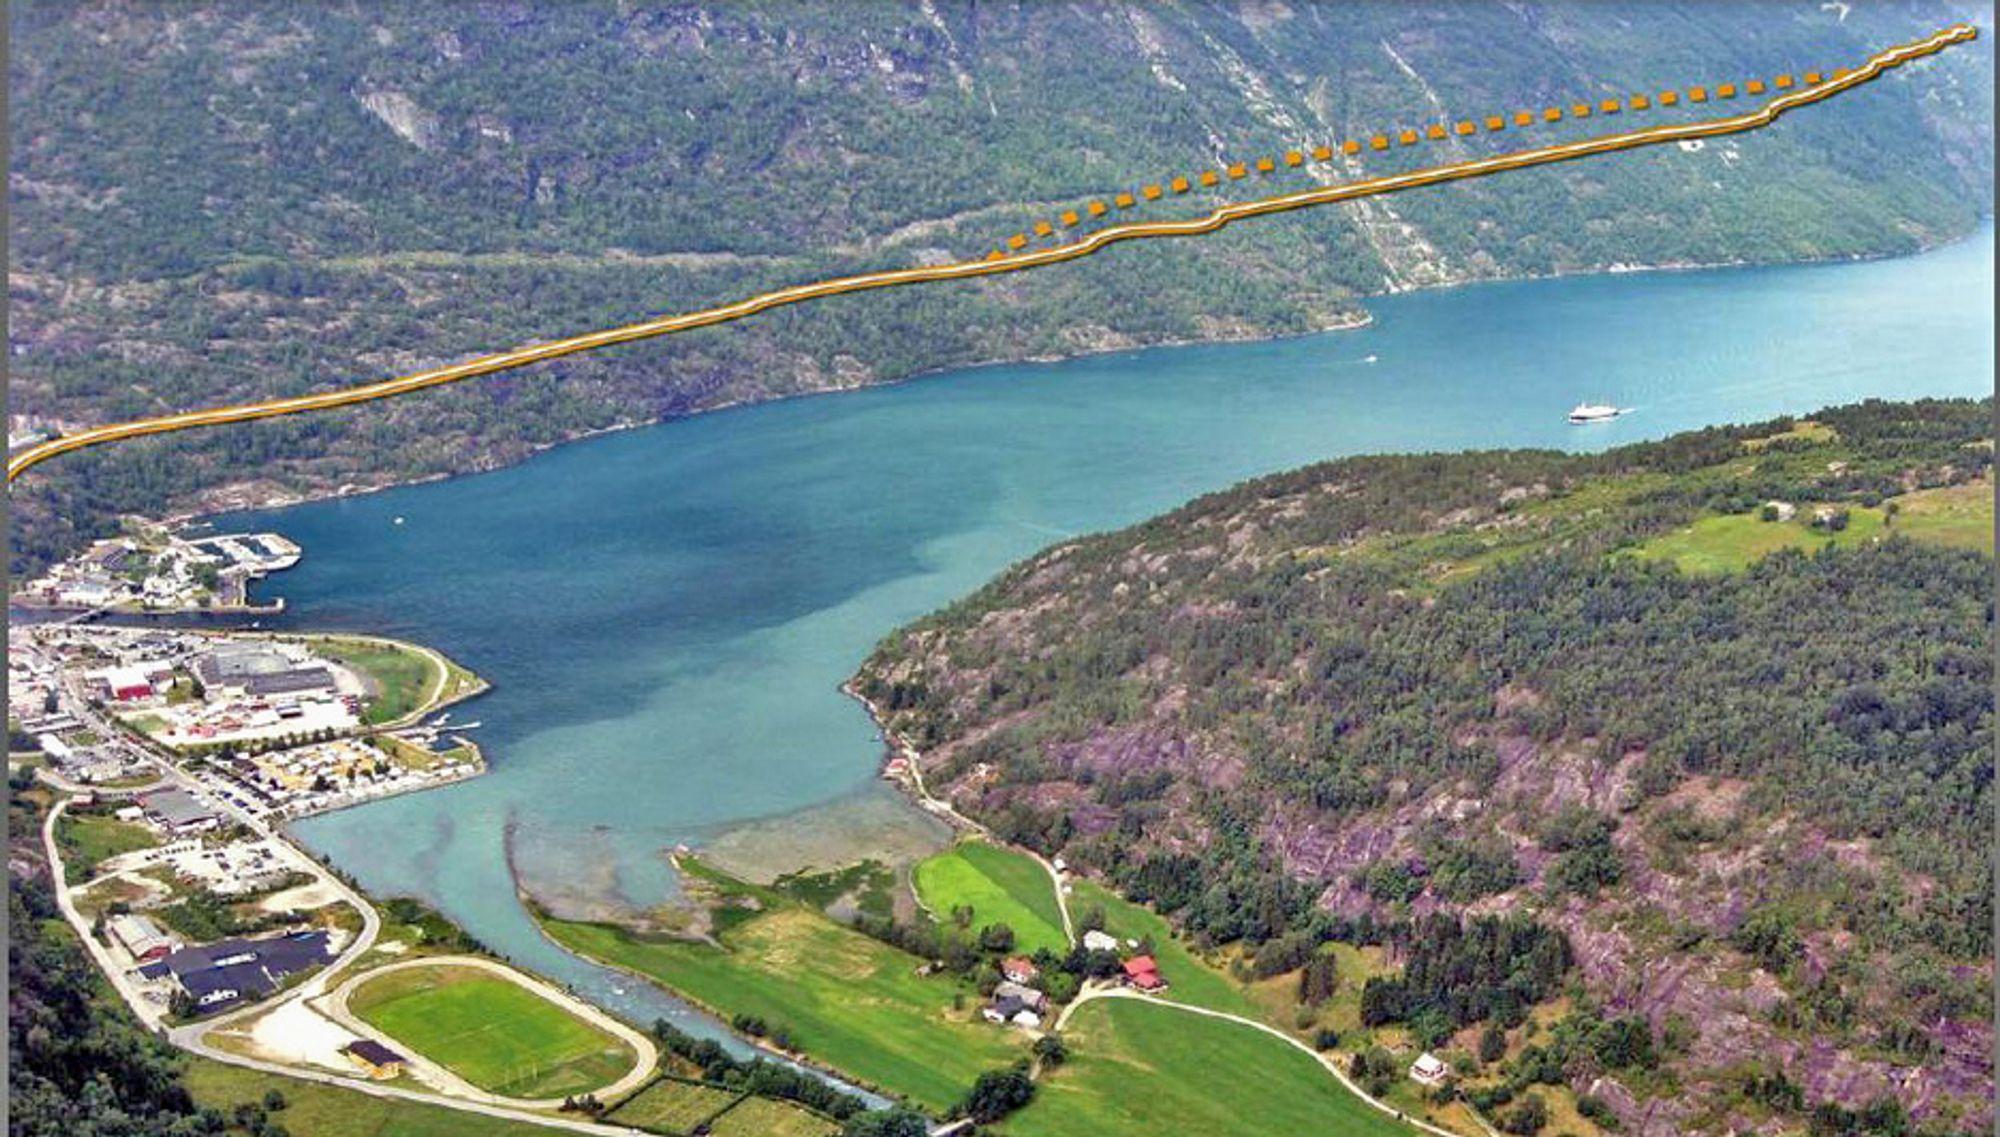 Den stiplete linjen i fjellsiden viser Streketunnelen slik den vil gå når forlengelsen er fullført. Ill.: Statens vegvesen